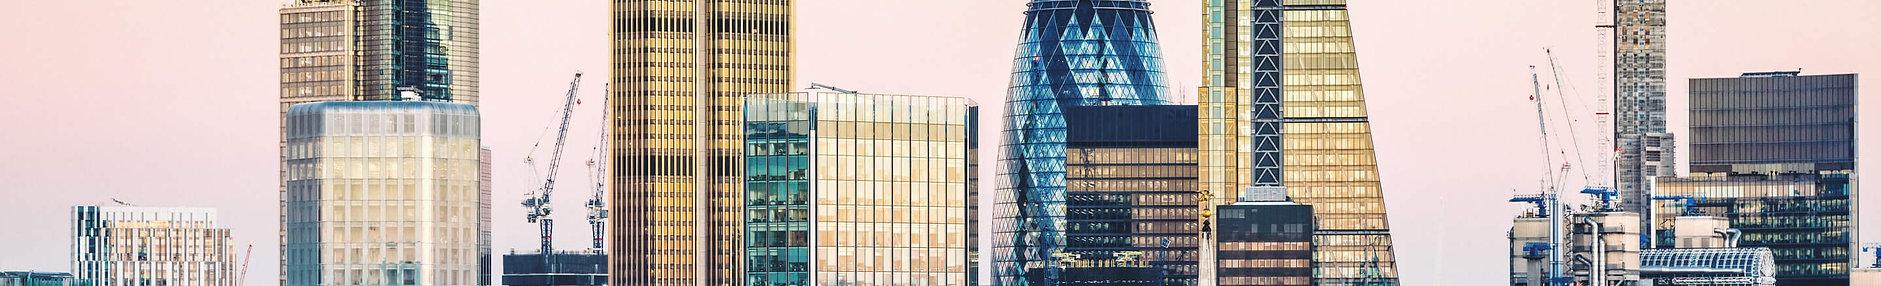 London Skyline.jpeg